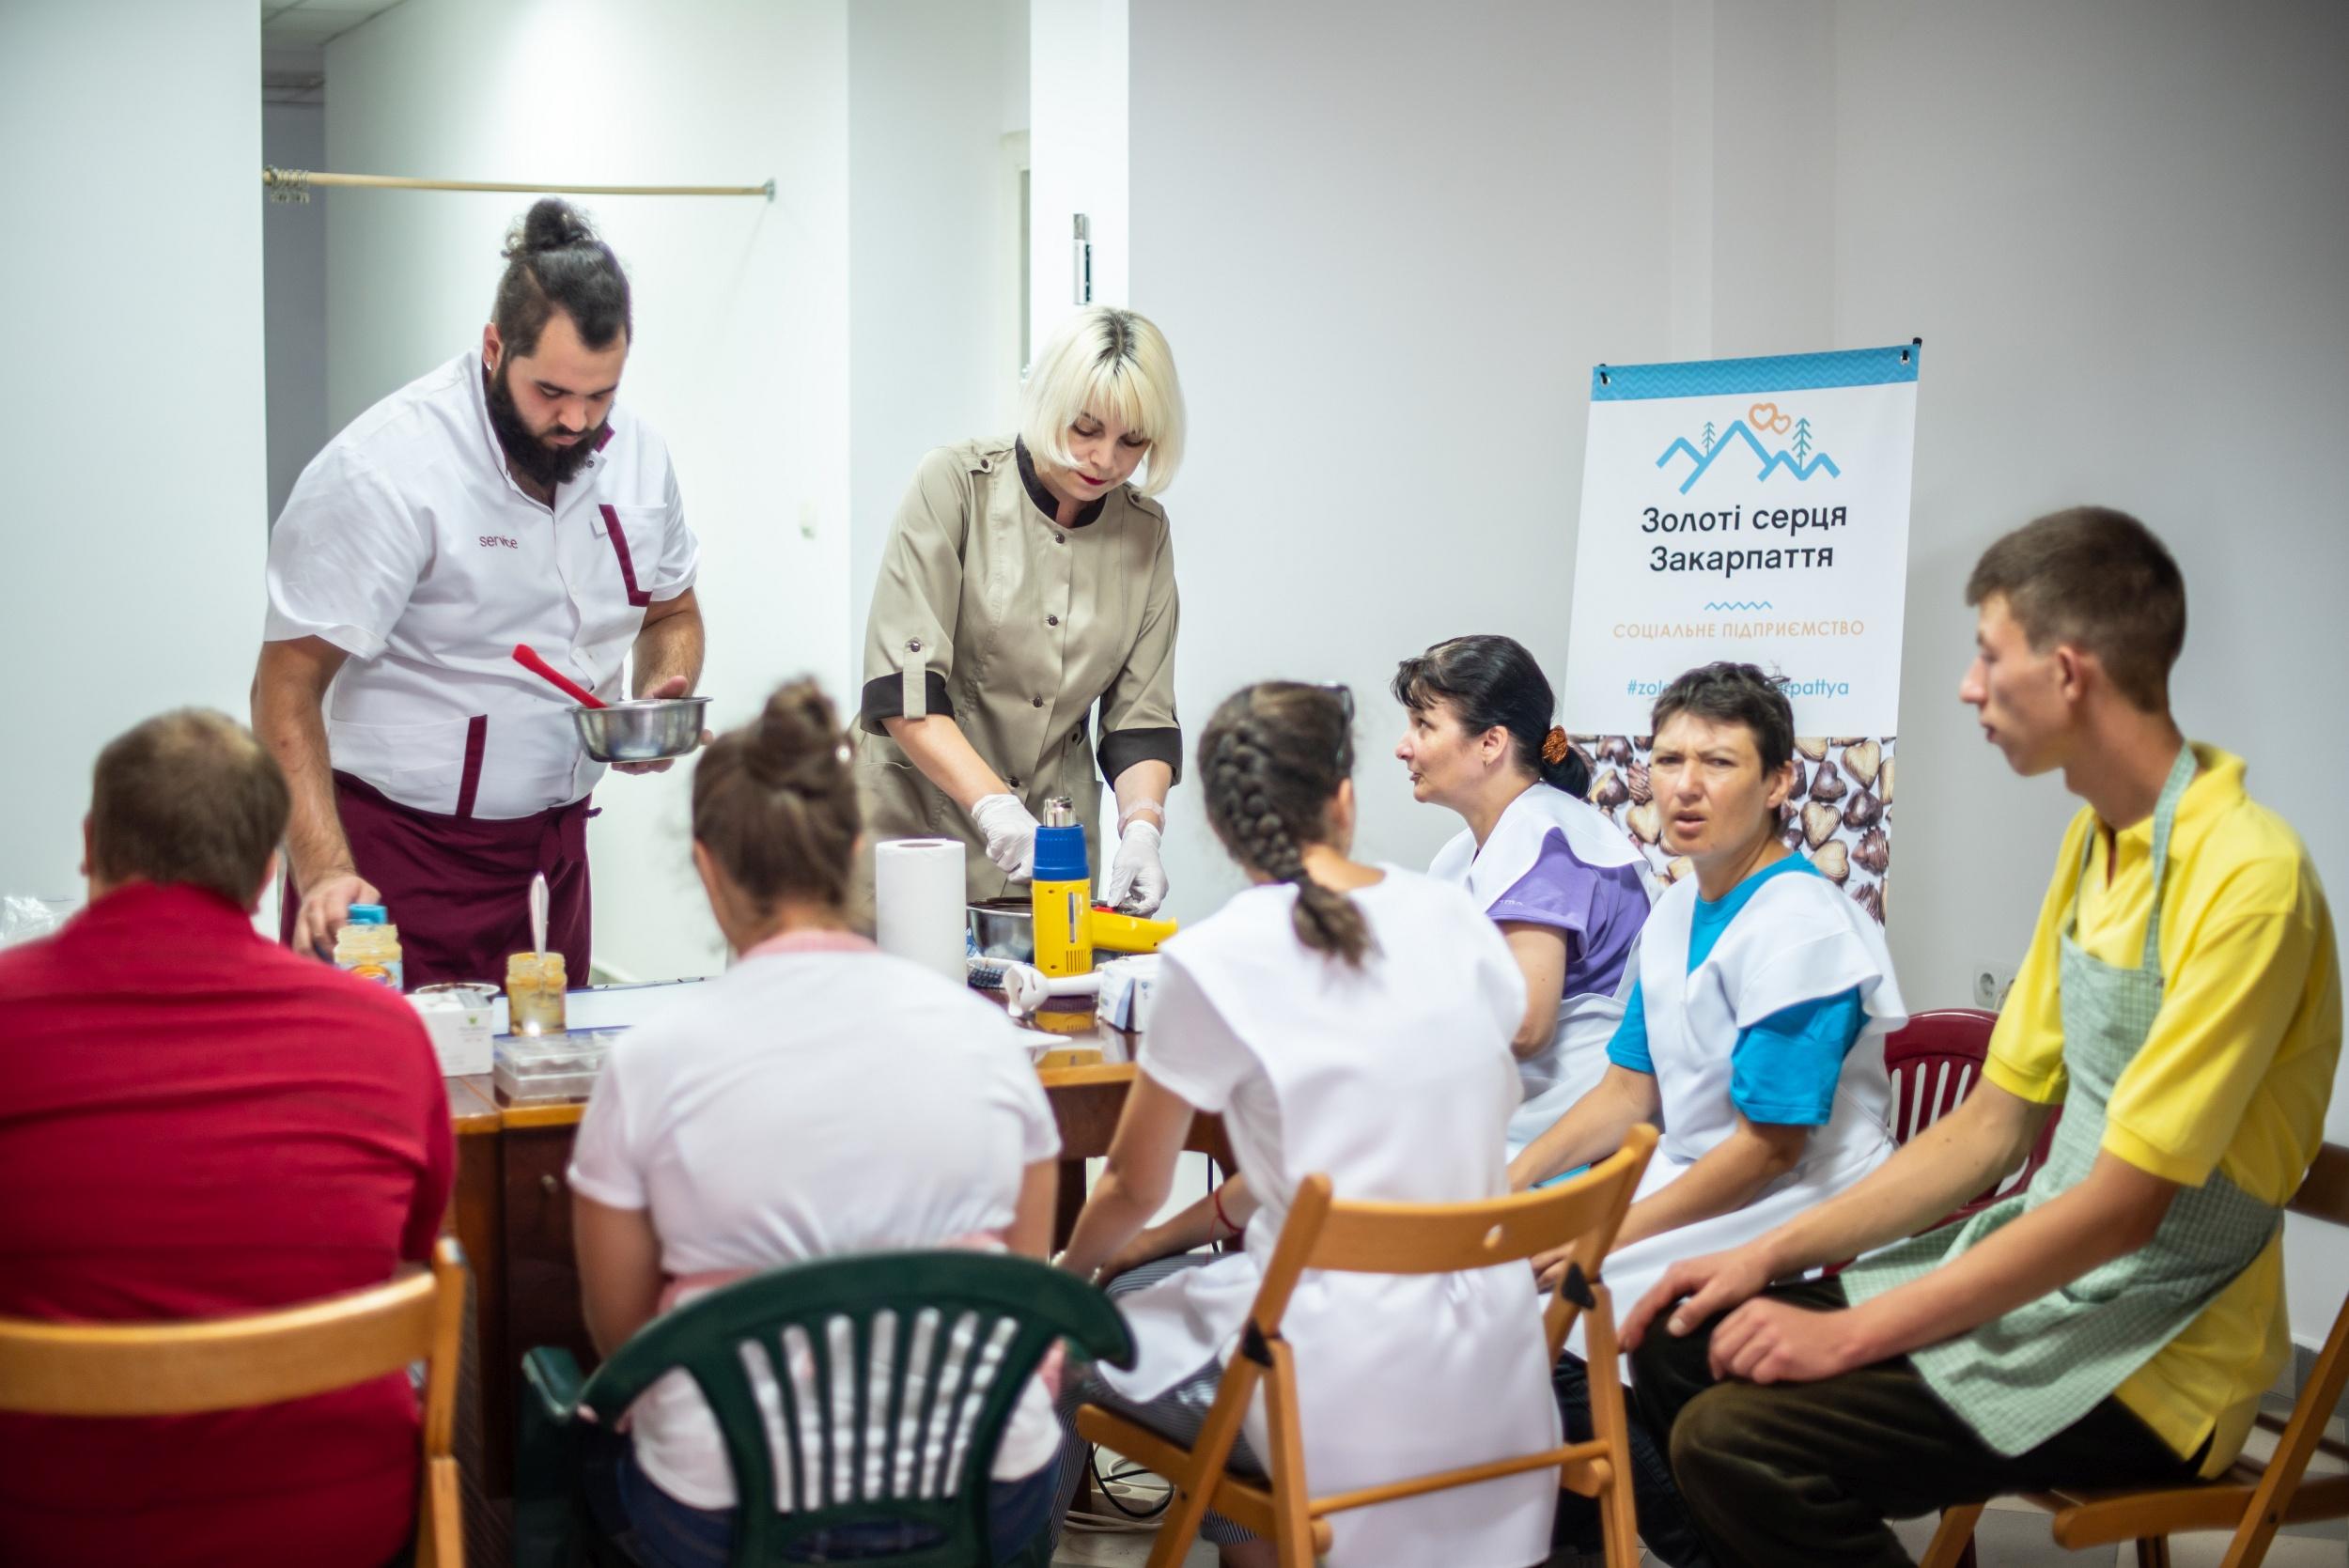 Особенный шоколад. Как переселенка из Луганска в Закарпатье создала инклюзивную кондитерскую